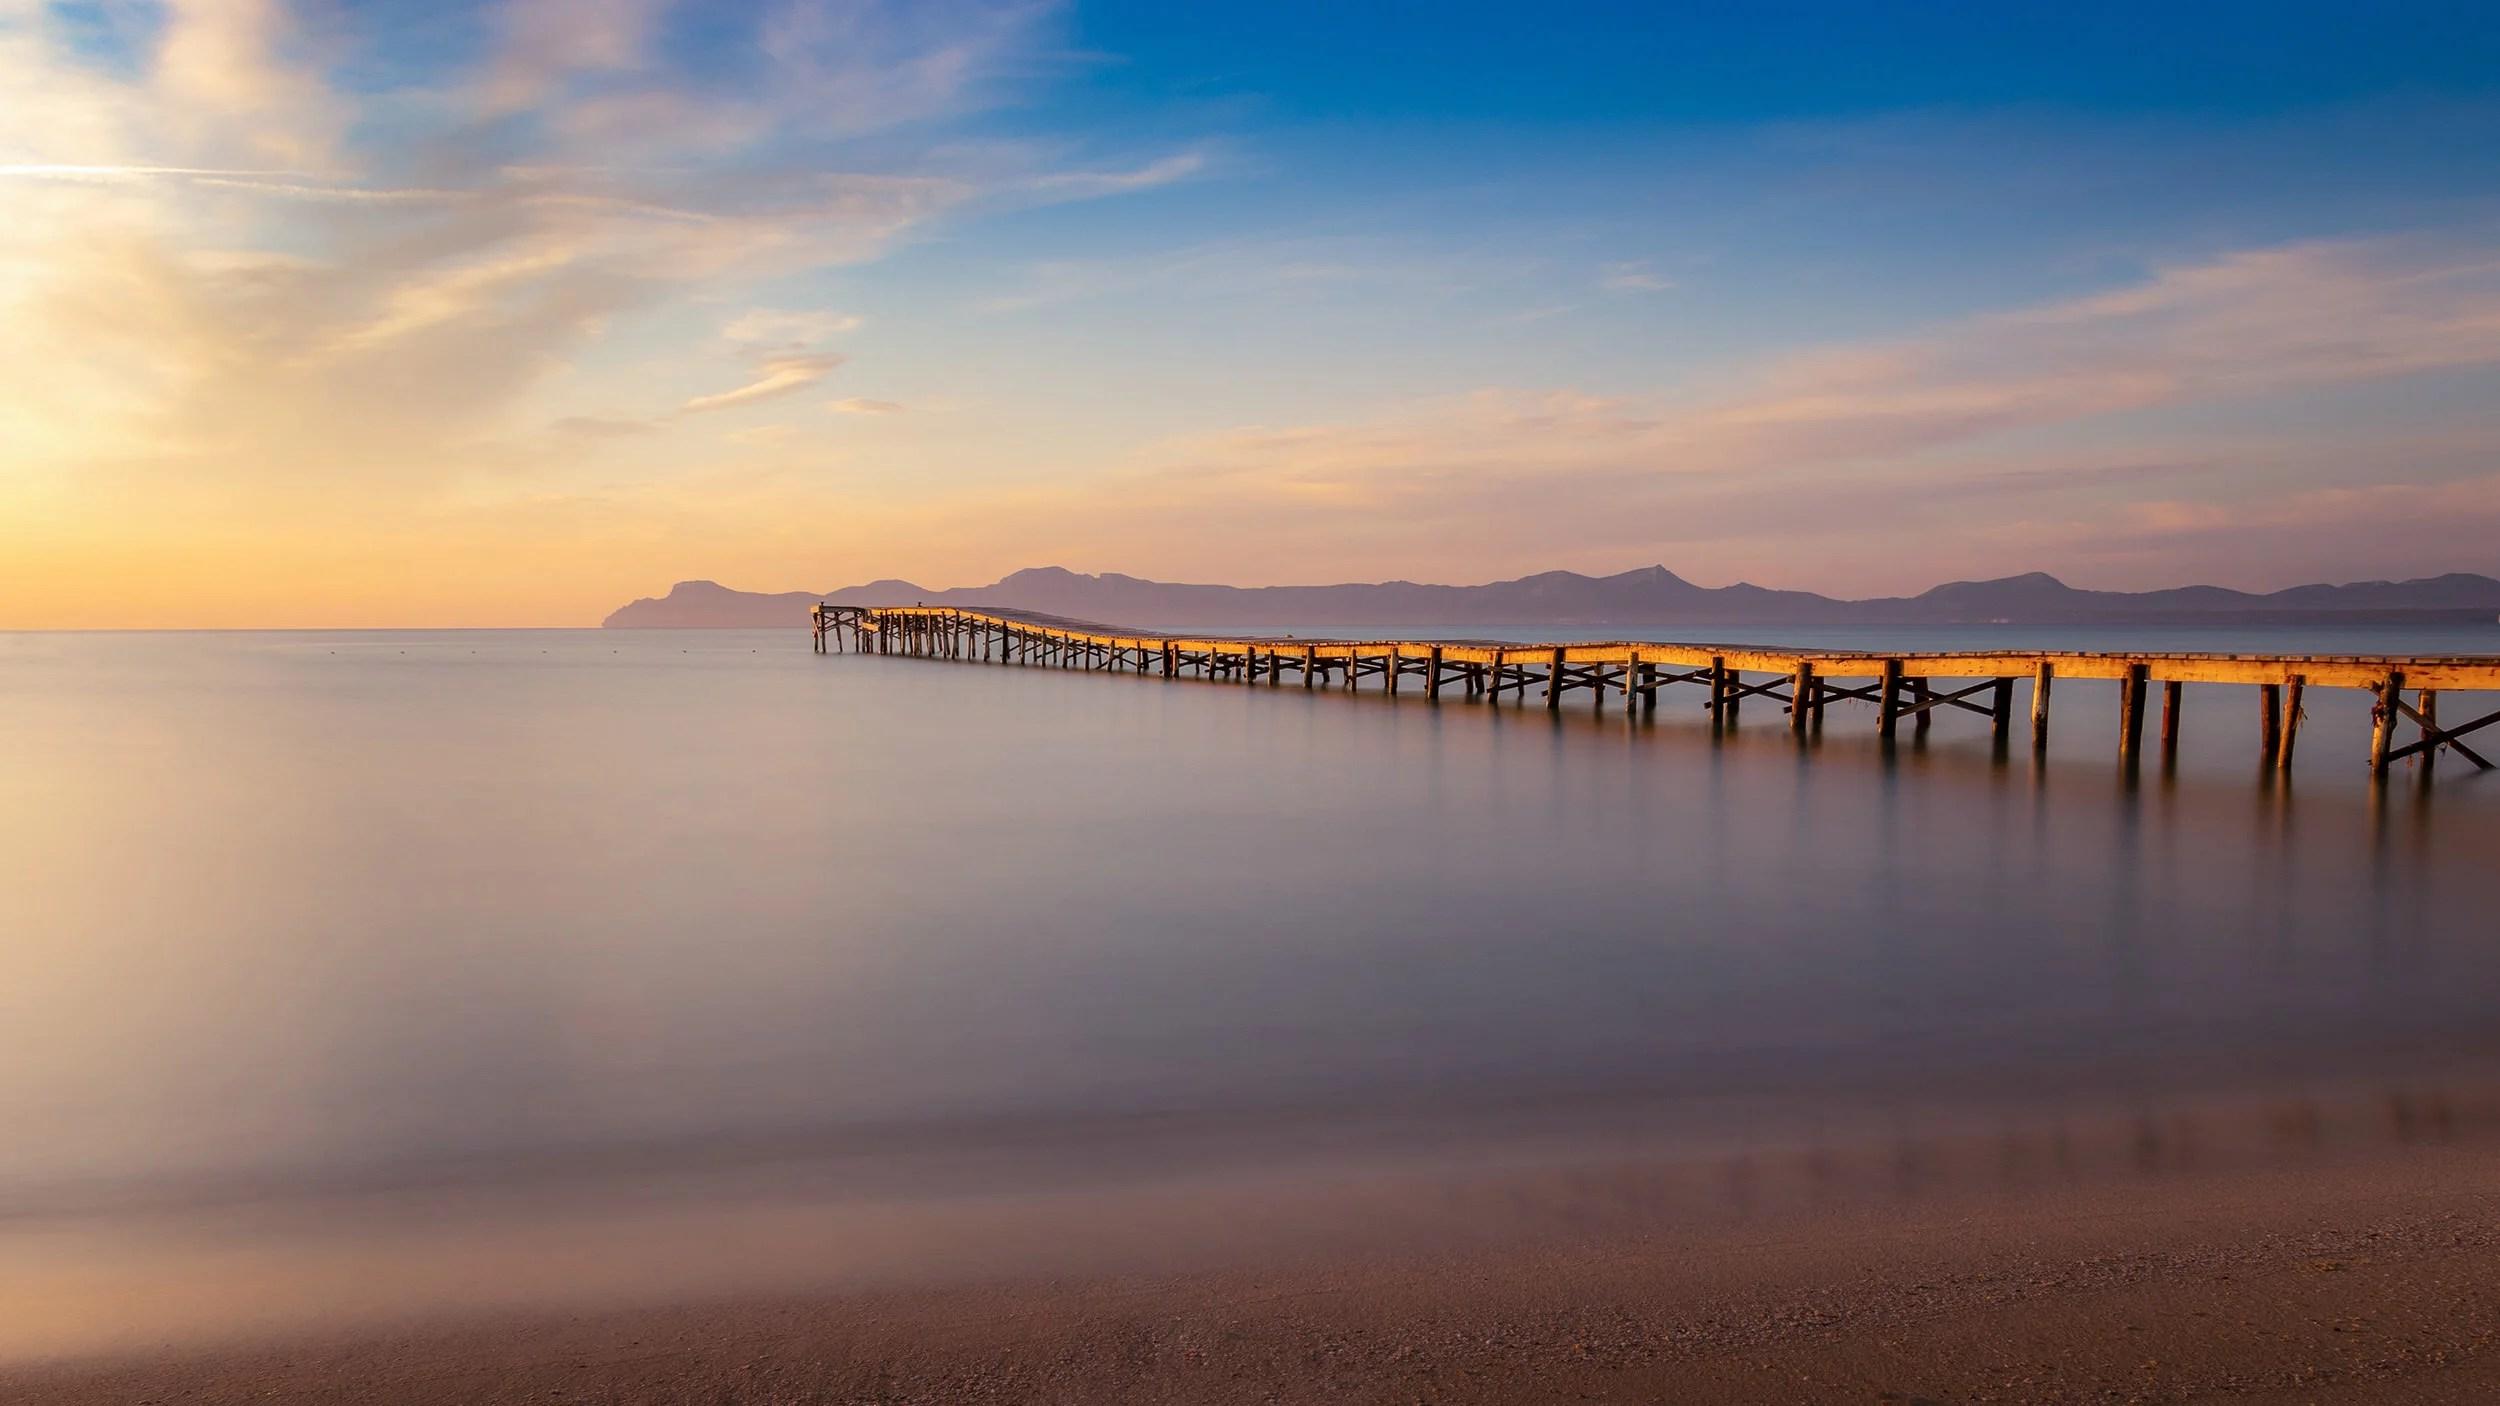 Один из деревянных пирсов пляжа Муро на рассвете